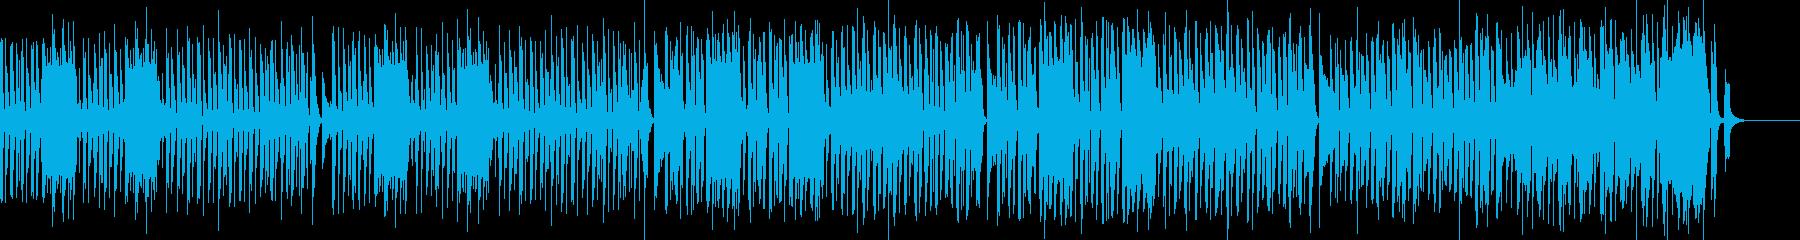 かわいくポップ楽しいキャッチーなBGMの再生済みの波形